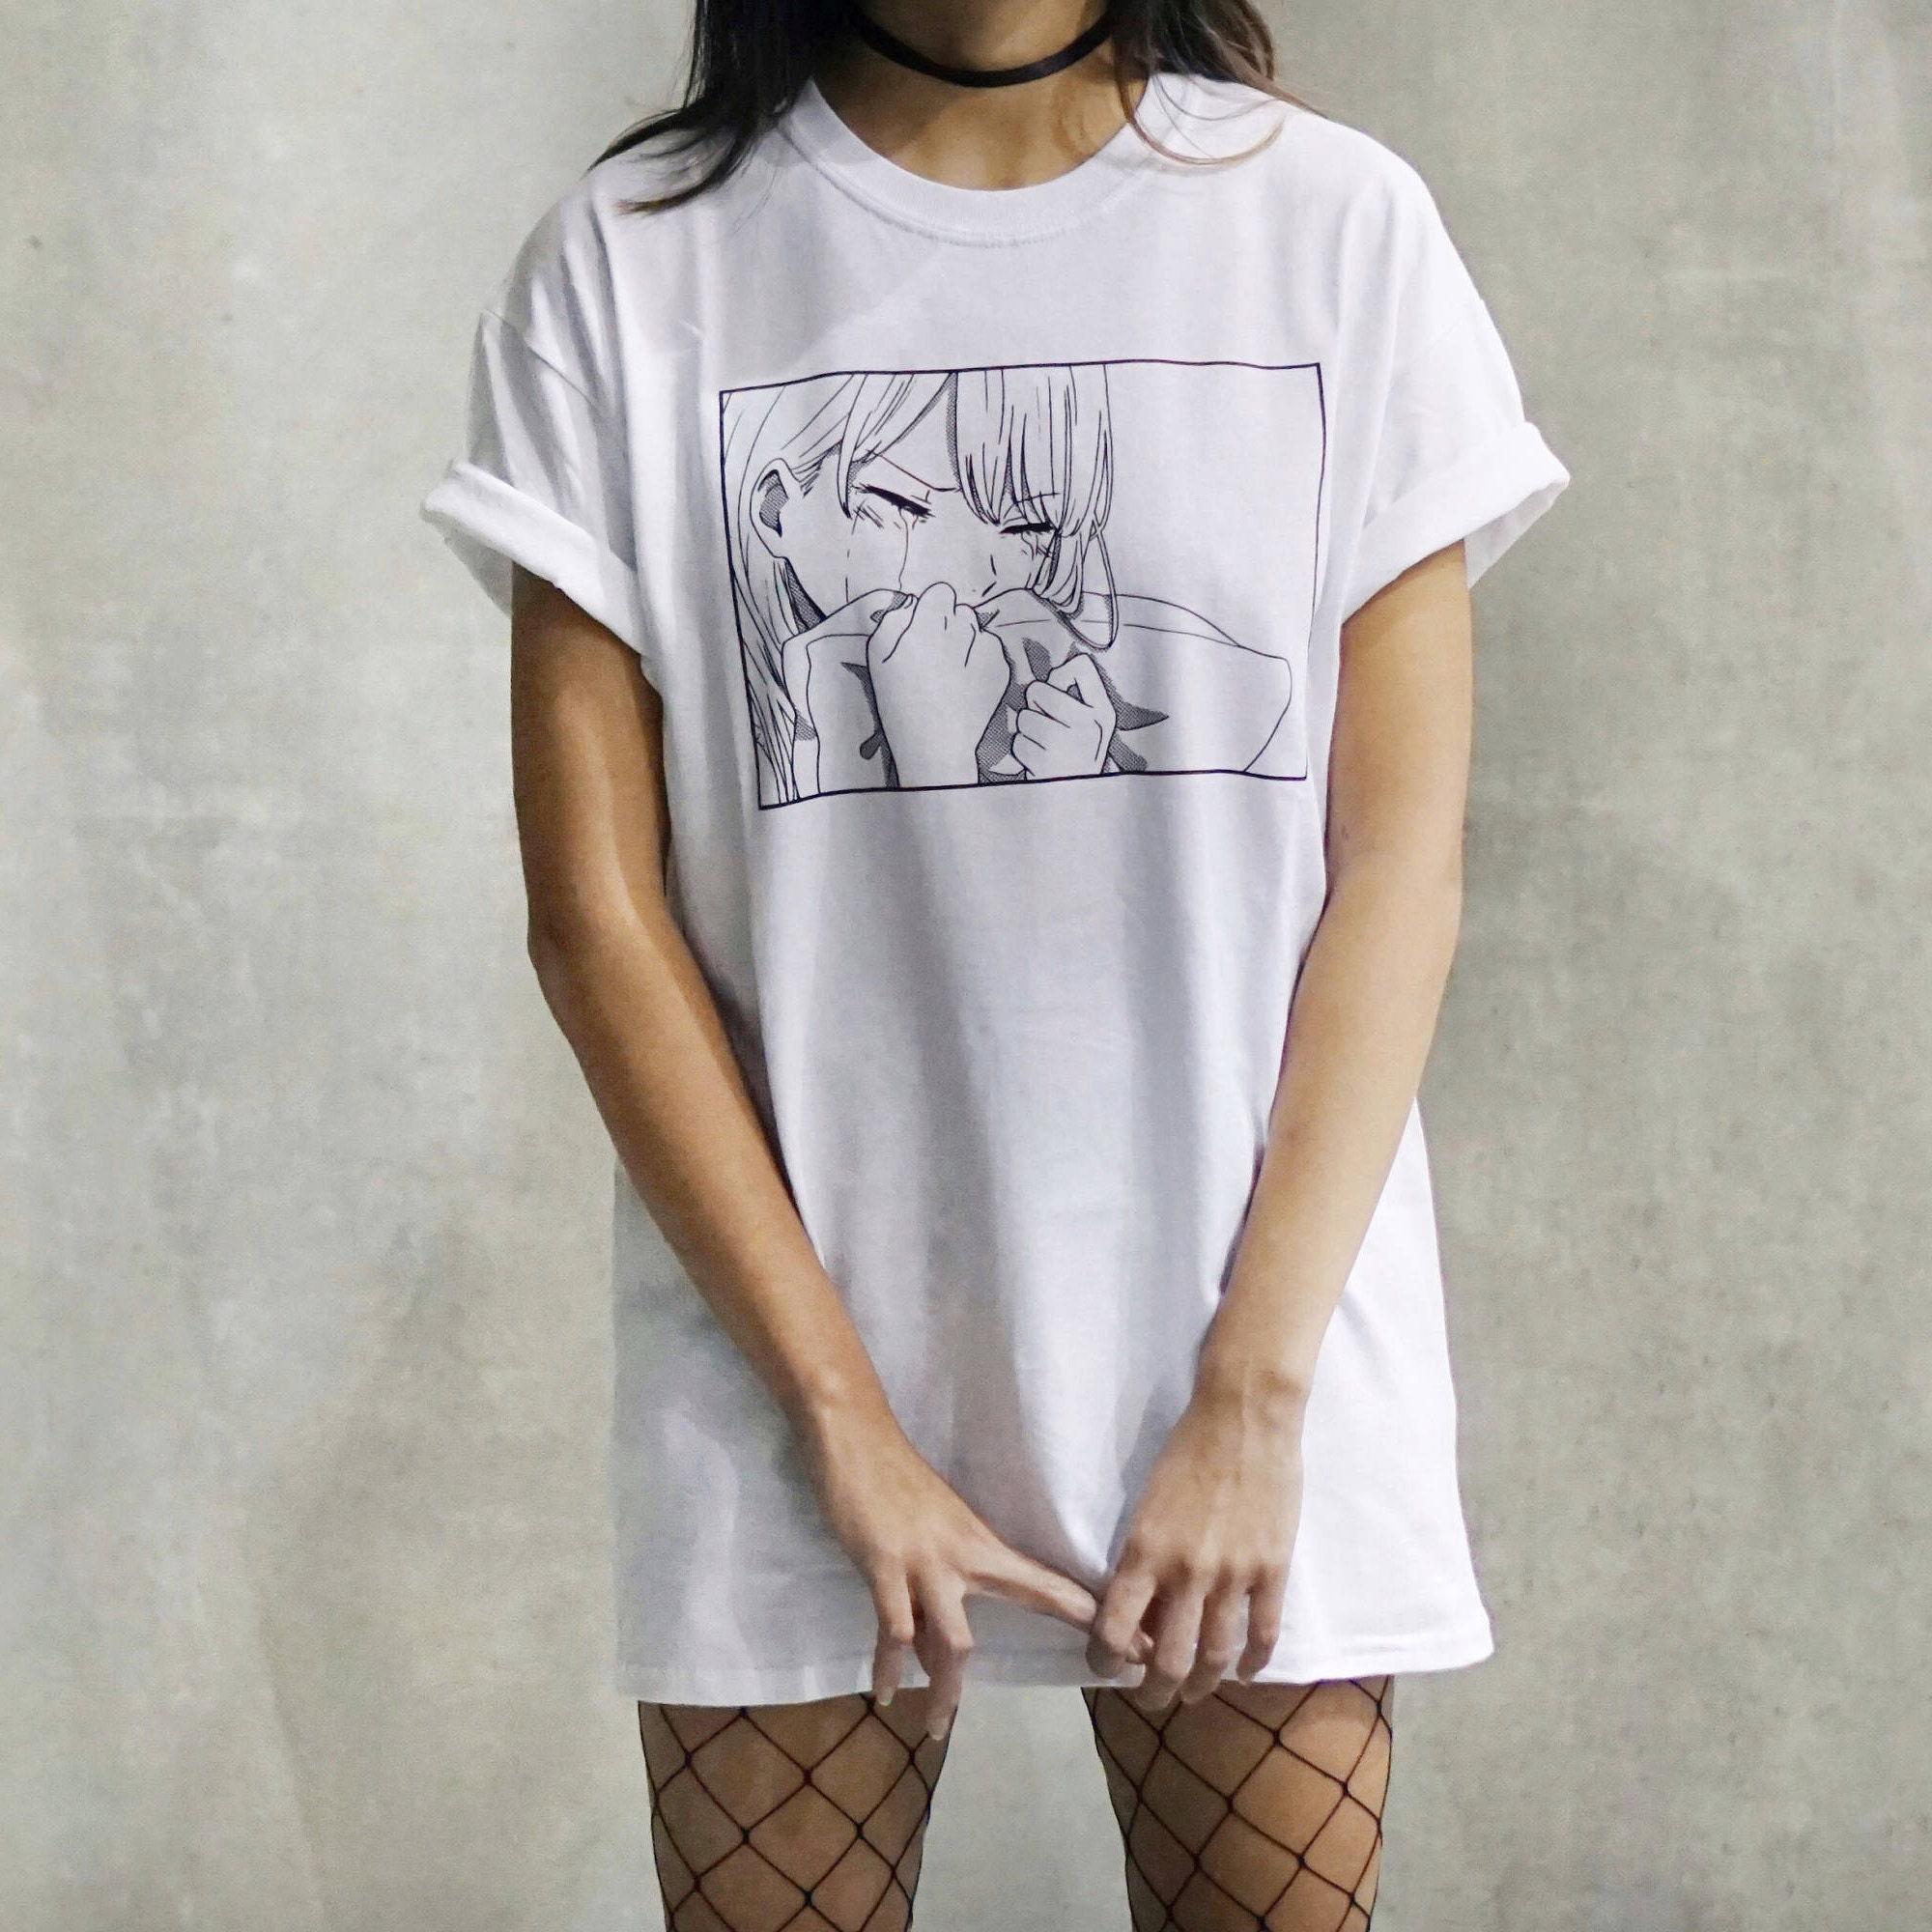 Anime Shirts Anime Eyes Anime T-Shirt Anime Gift Manga | Etsy